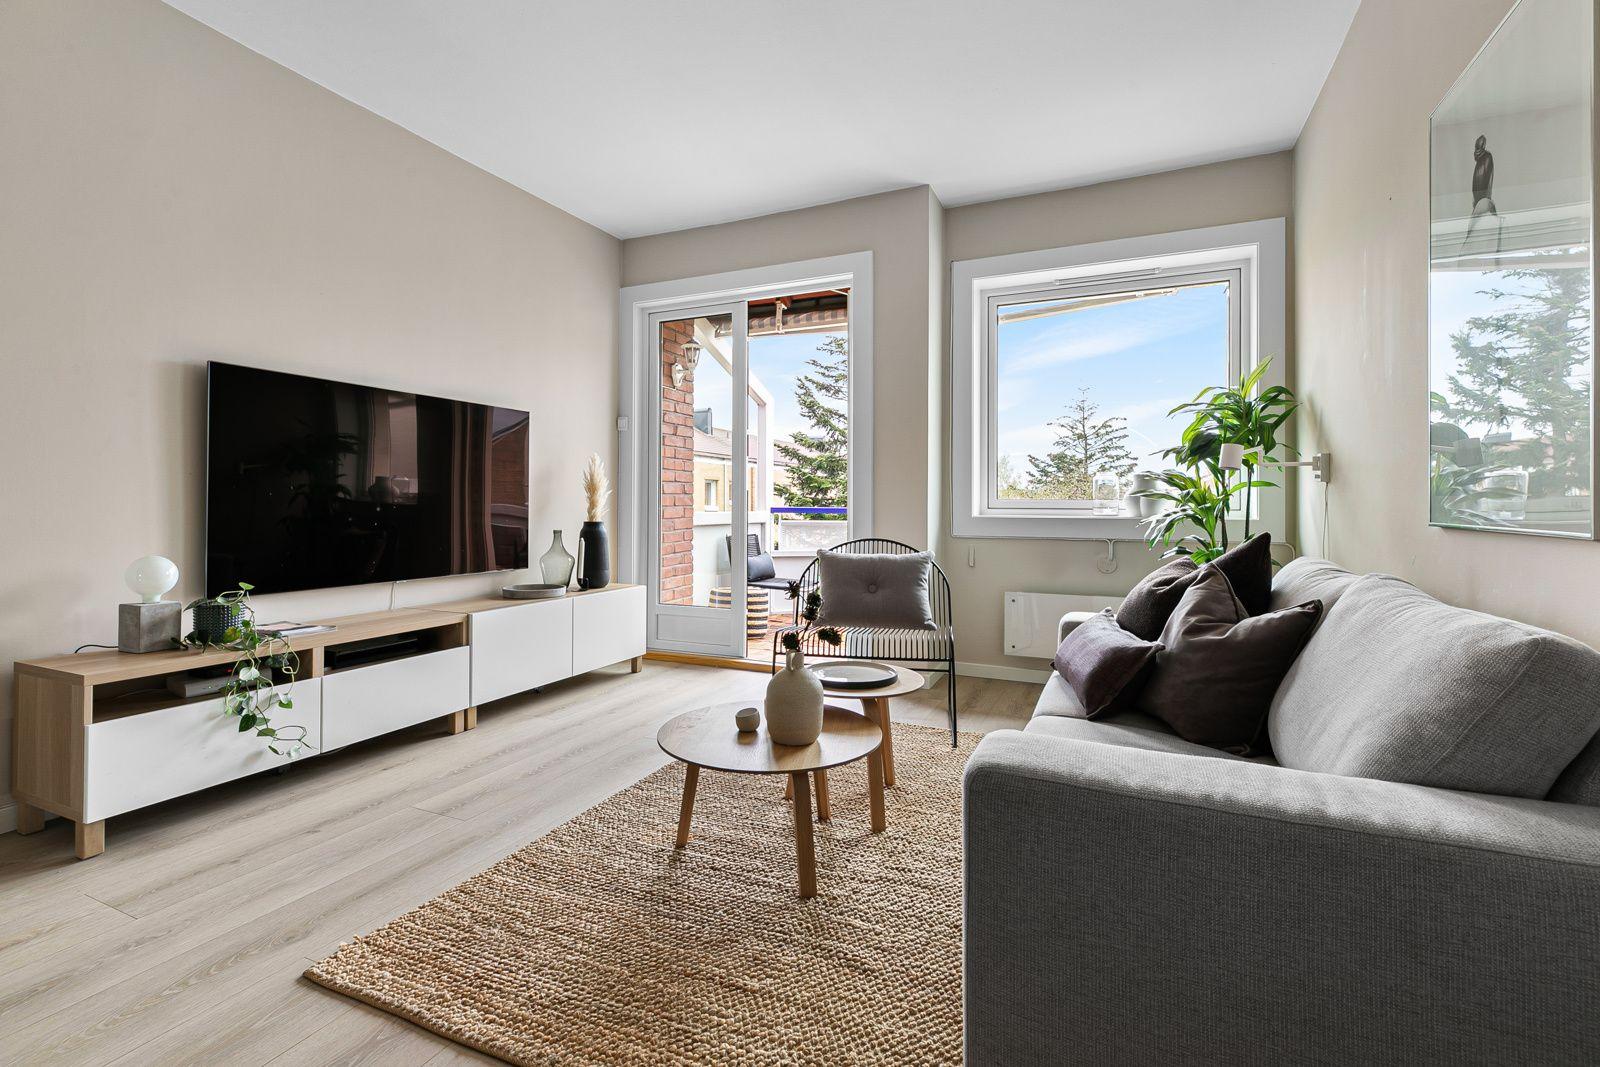 Etterstadsletta 81A Pen 3-roms leilighet, med vestvendt balkong på ca. 8,5 kvm og god standard